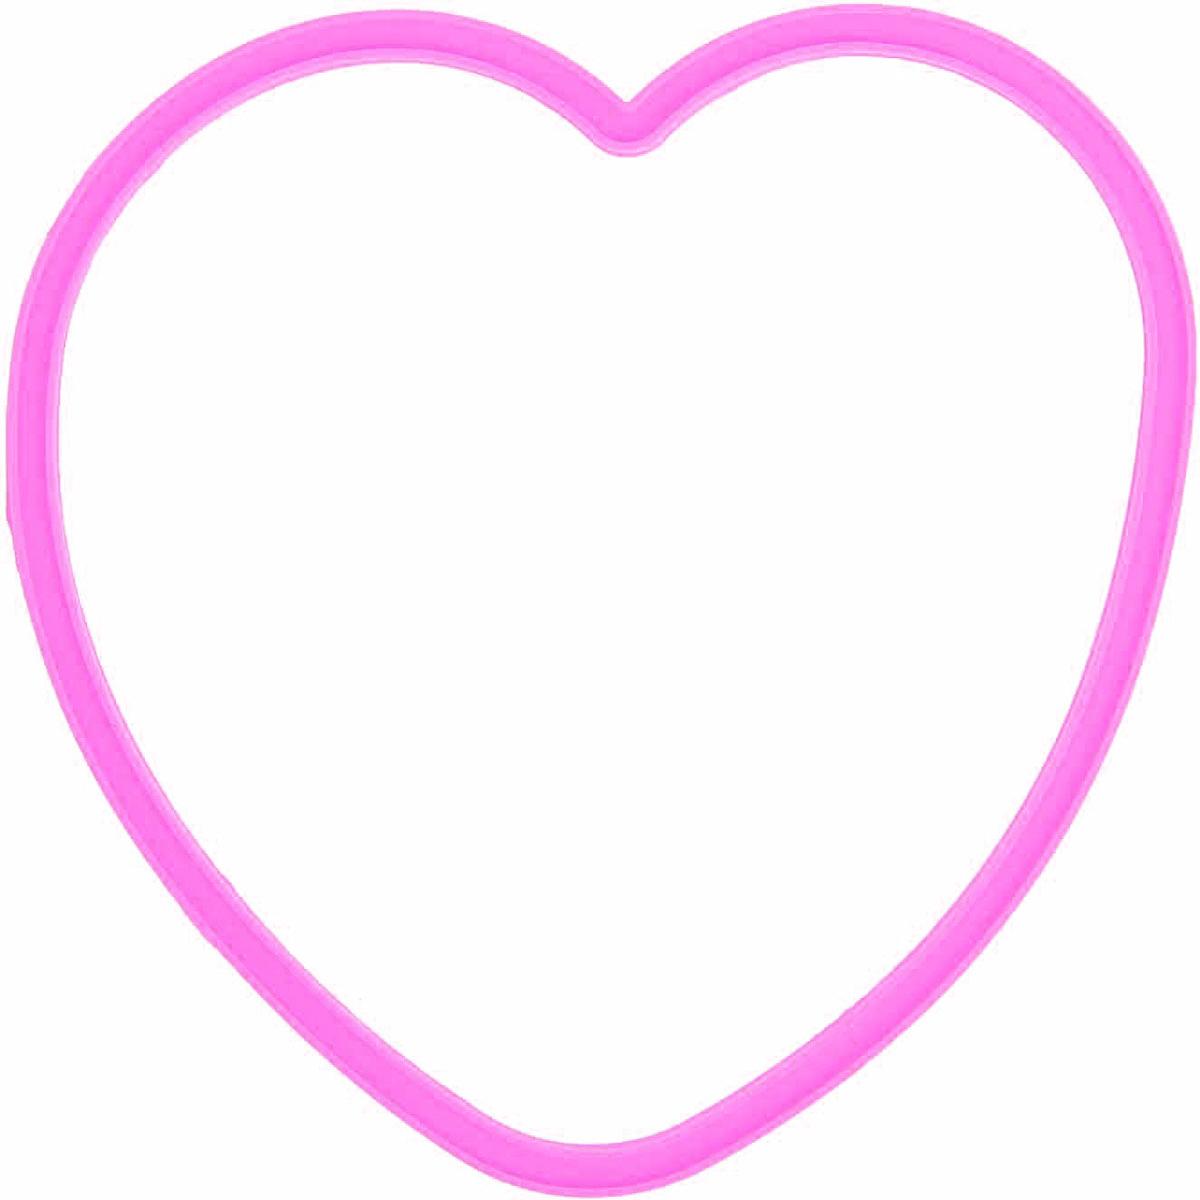 Форма для яичницы и блинов Доляна Любовь, цвет: розовый, 12 х 11 см811917Вкусные блины, оладьи, омлеты и яичницы нравятся всем. Сделать хорошо знакомые блюда поводом для кулинарной гордости поможет специальная форма из силикона. Как ей пользоваться? Налейте на сковороду масло и поставьте на средний огонь, расположите форму в центре и наполните её тестом или разбейте внутрь яйцо, обжаривайте до готовности.Силикон обладает важными достоинствами: выдерживает температуру от -40 до +230 °C; не обжигает руки при готовке; легко отмывается, в том числе в посудомоечной машине; благодаря высокой гибкости и прочности служит долгое время.